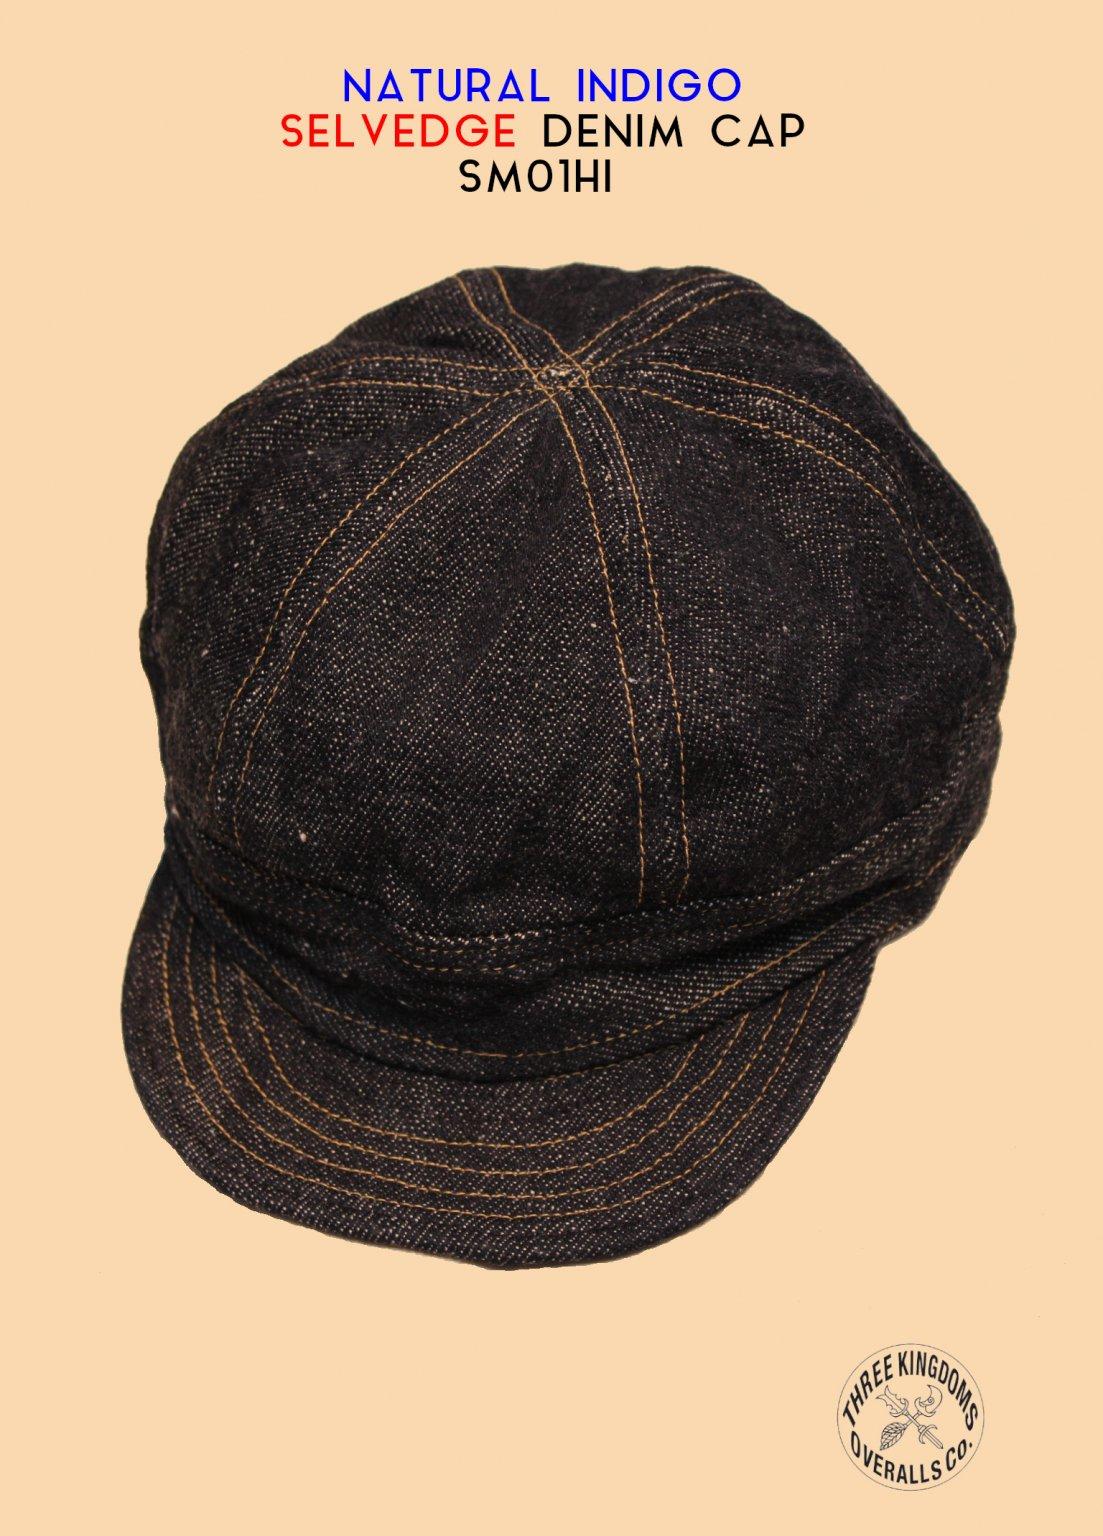 SM01HI SHINER CAP